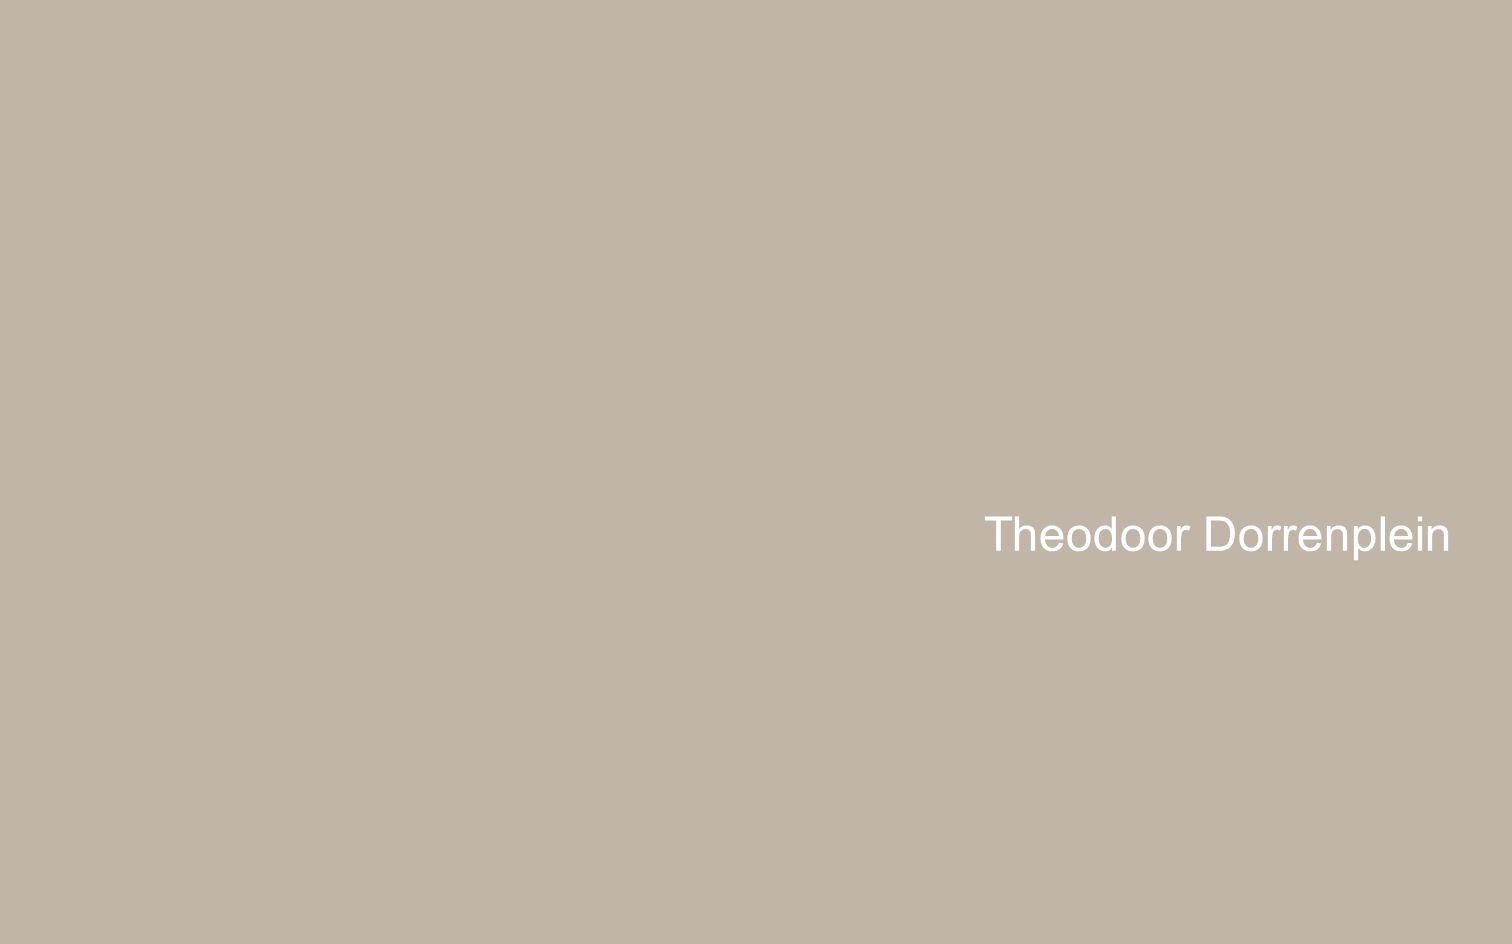 Theodoor Dorrenplein